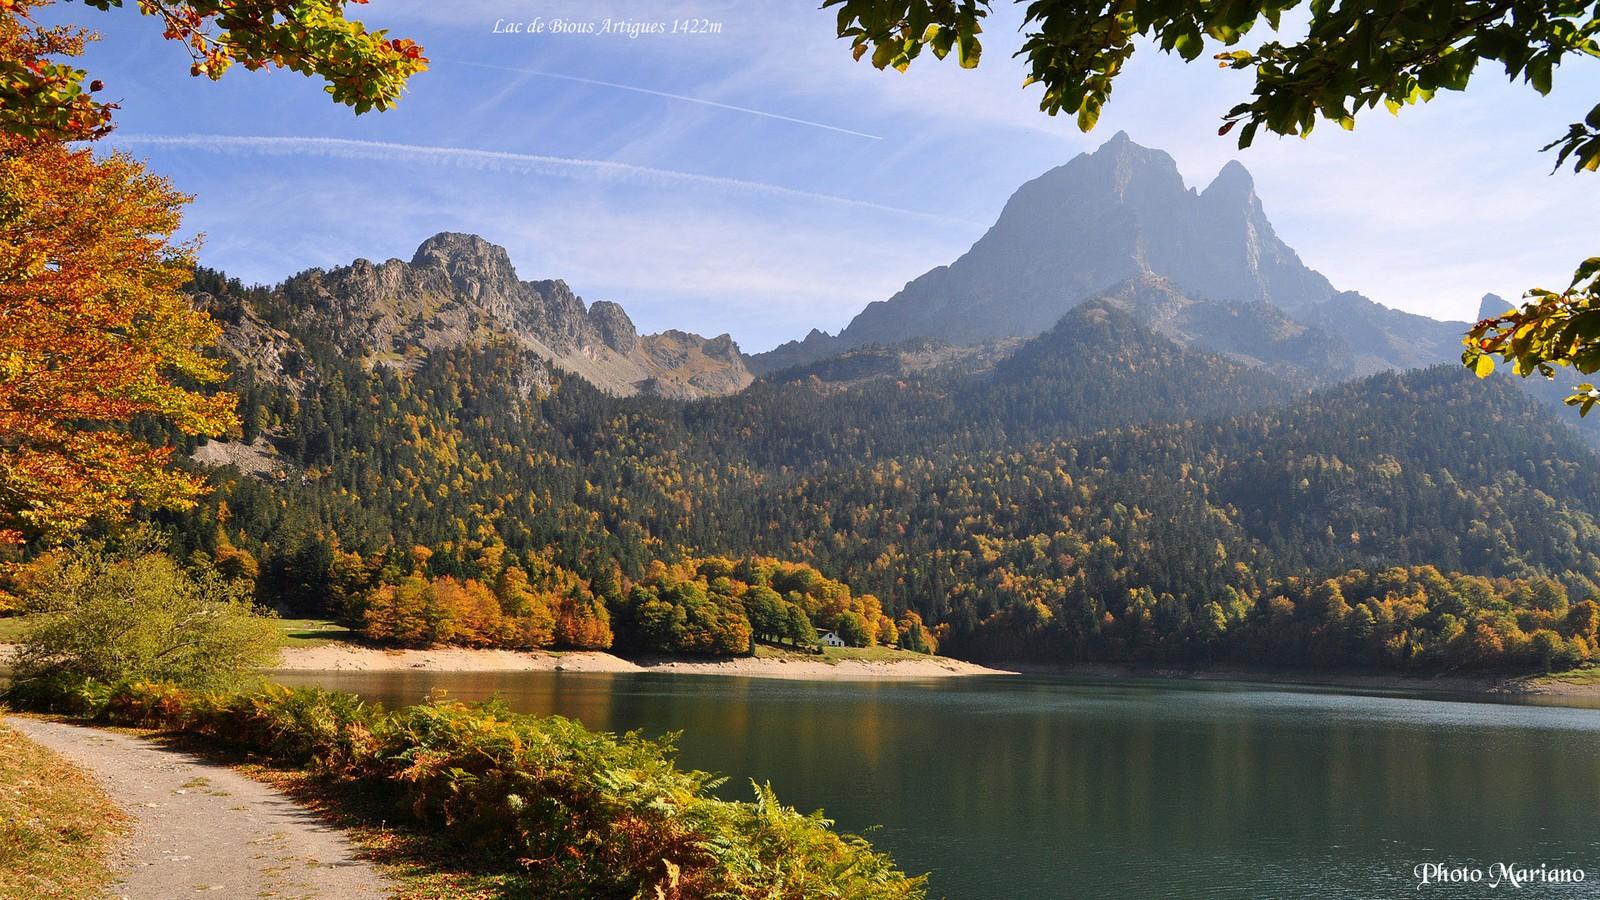 Les-Lacs-des-Pyrenees_107